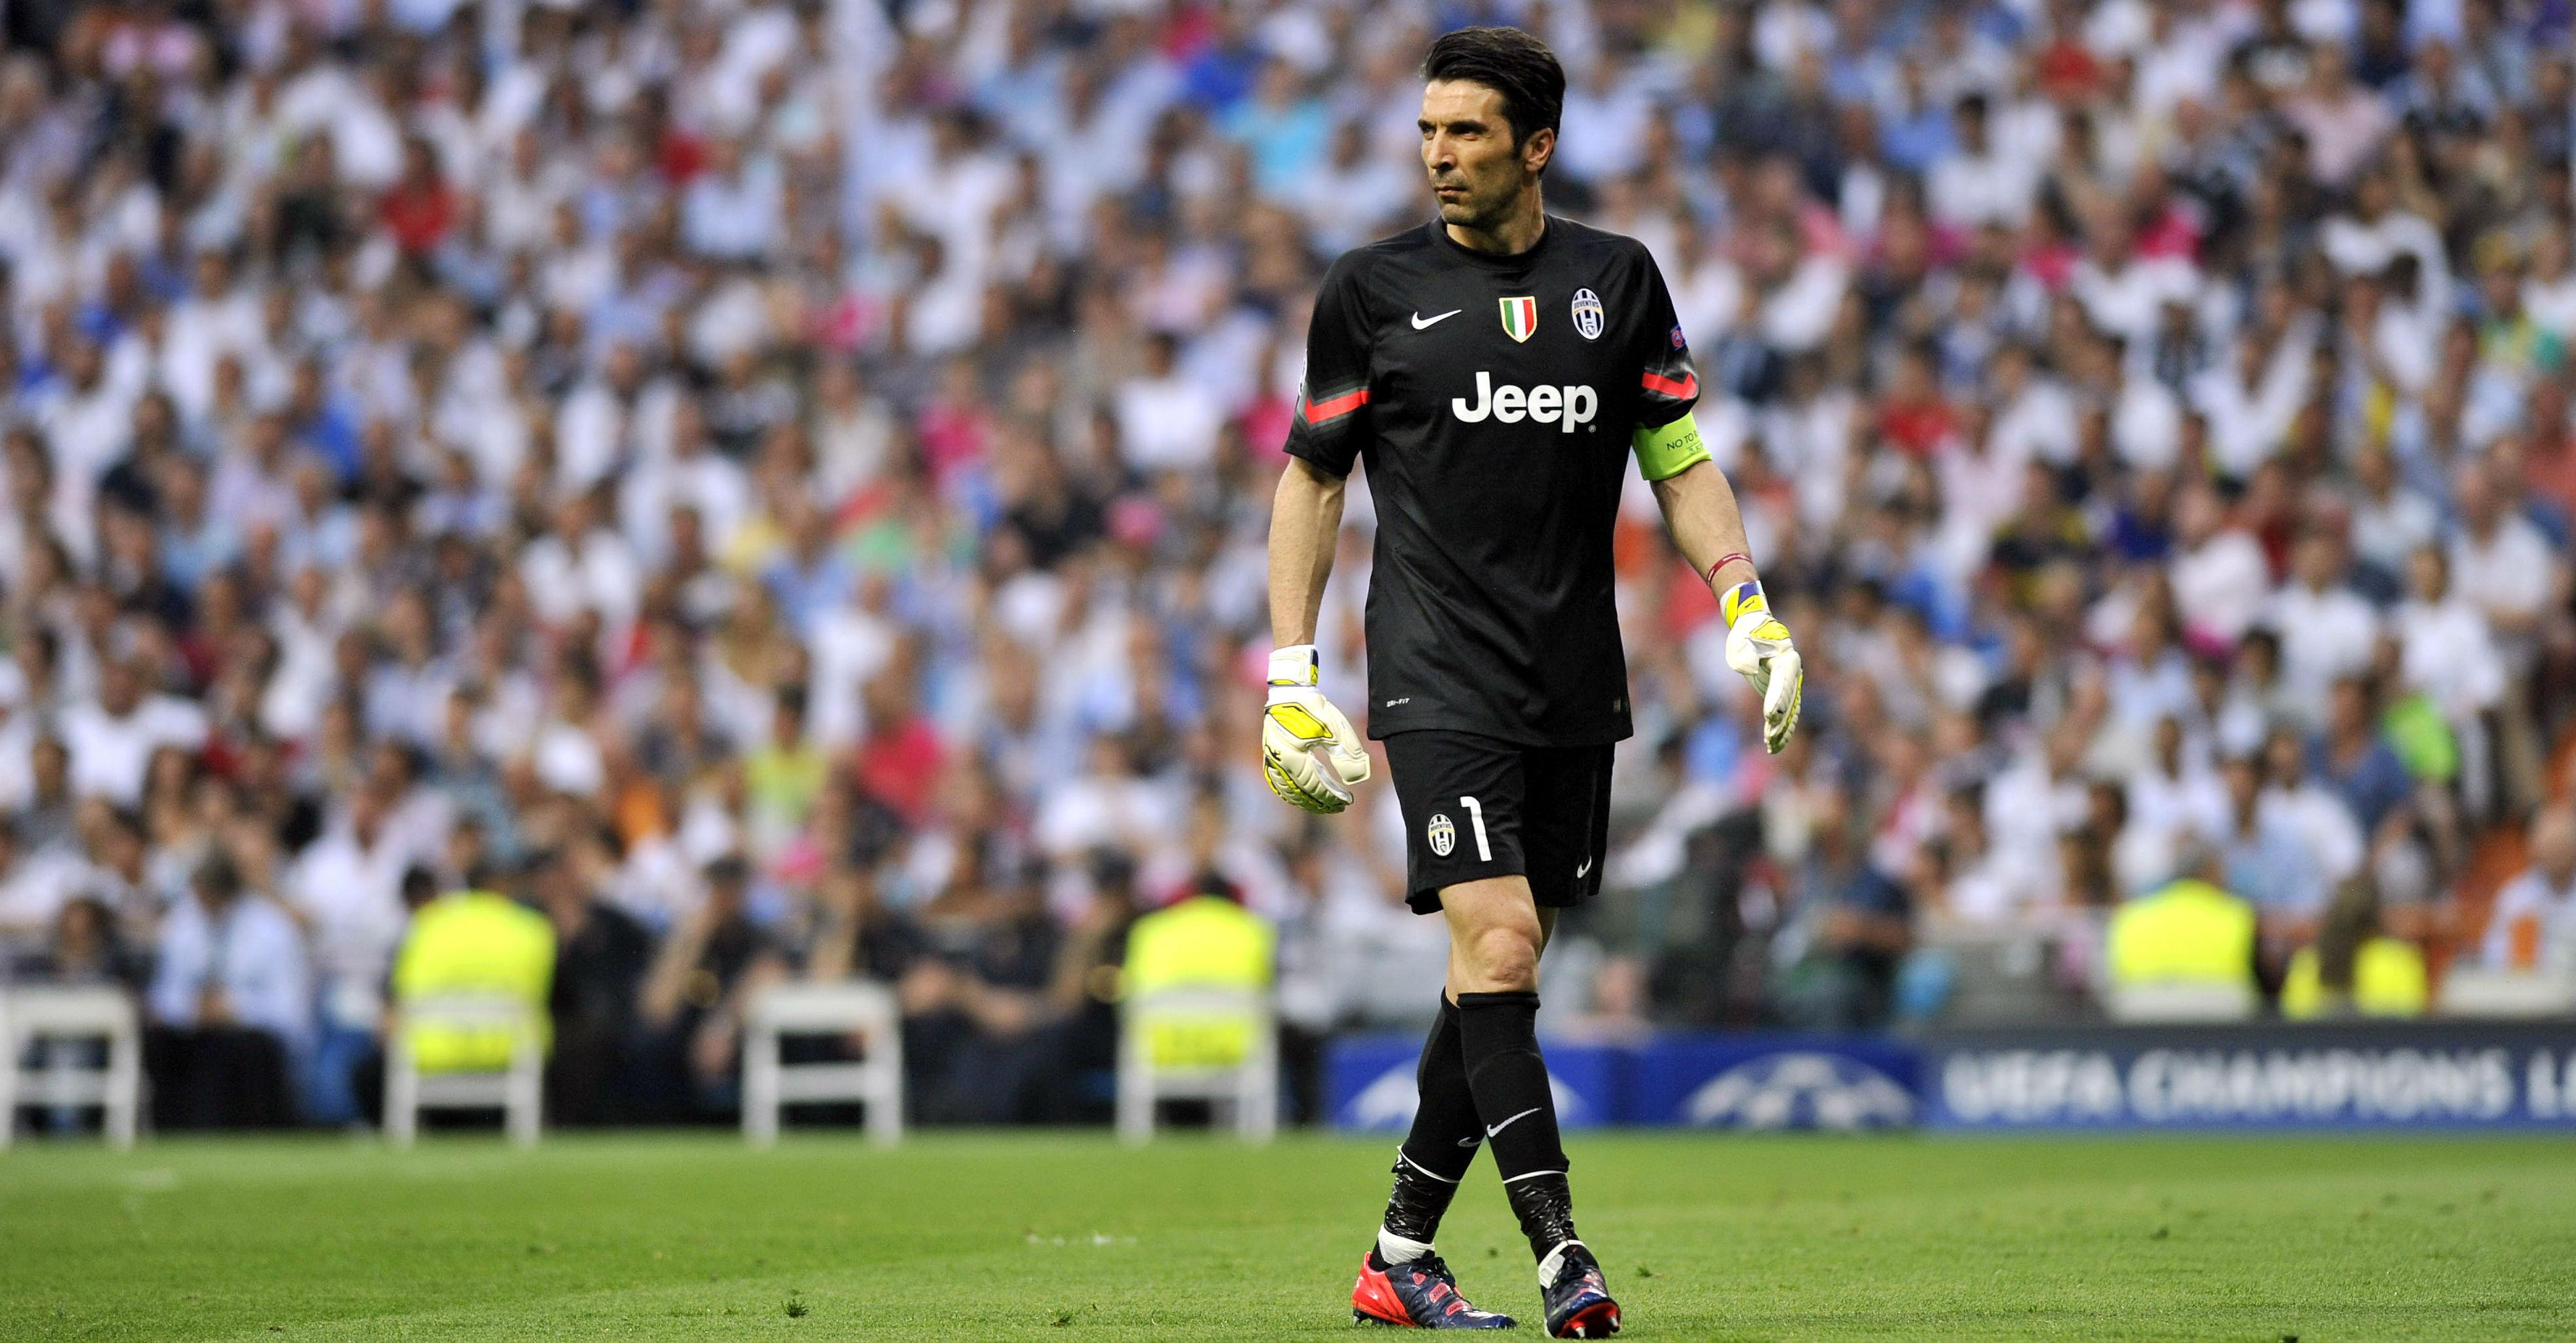 Italia no votó para el Balón de Oro en protesta por ausencia de Buffon